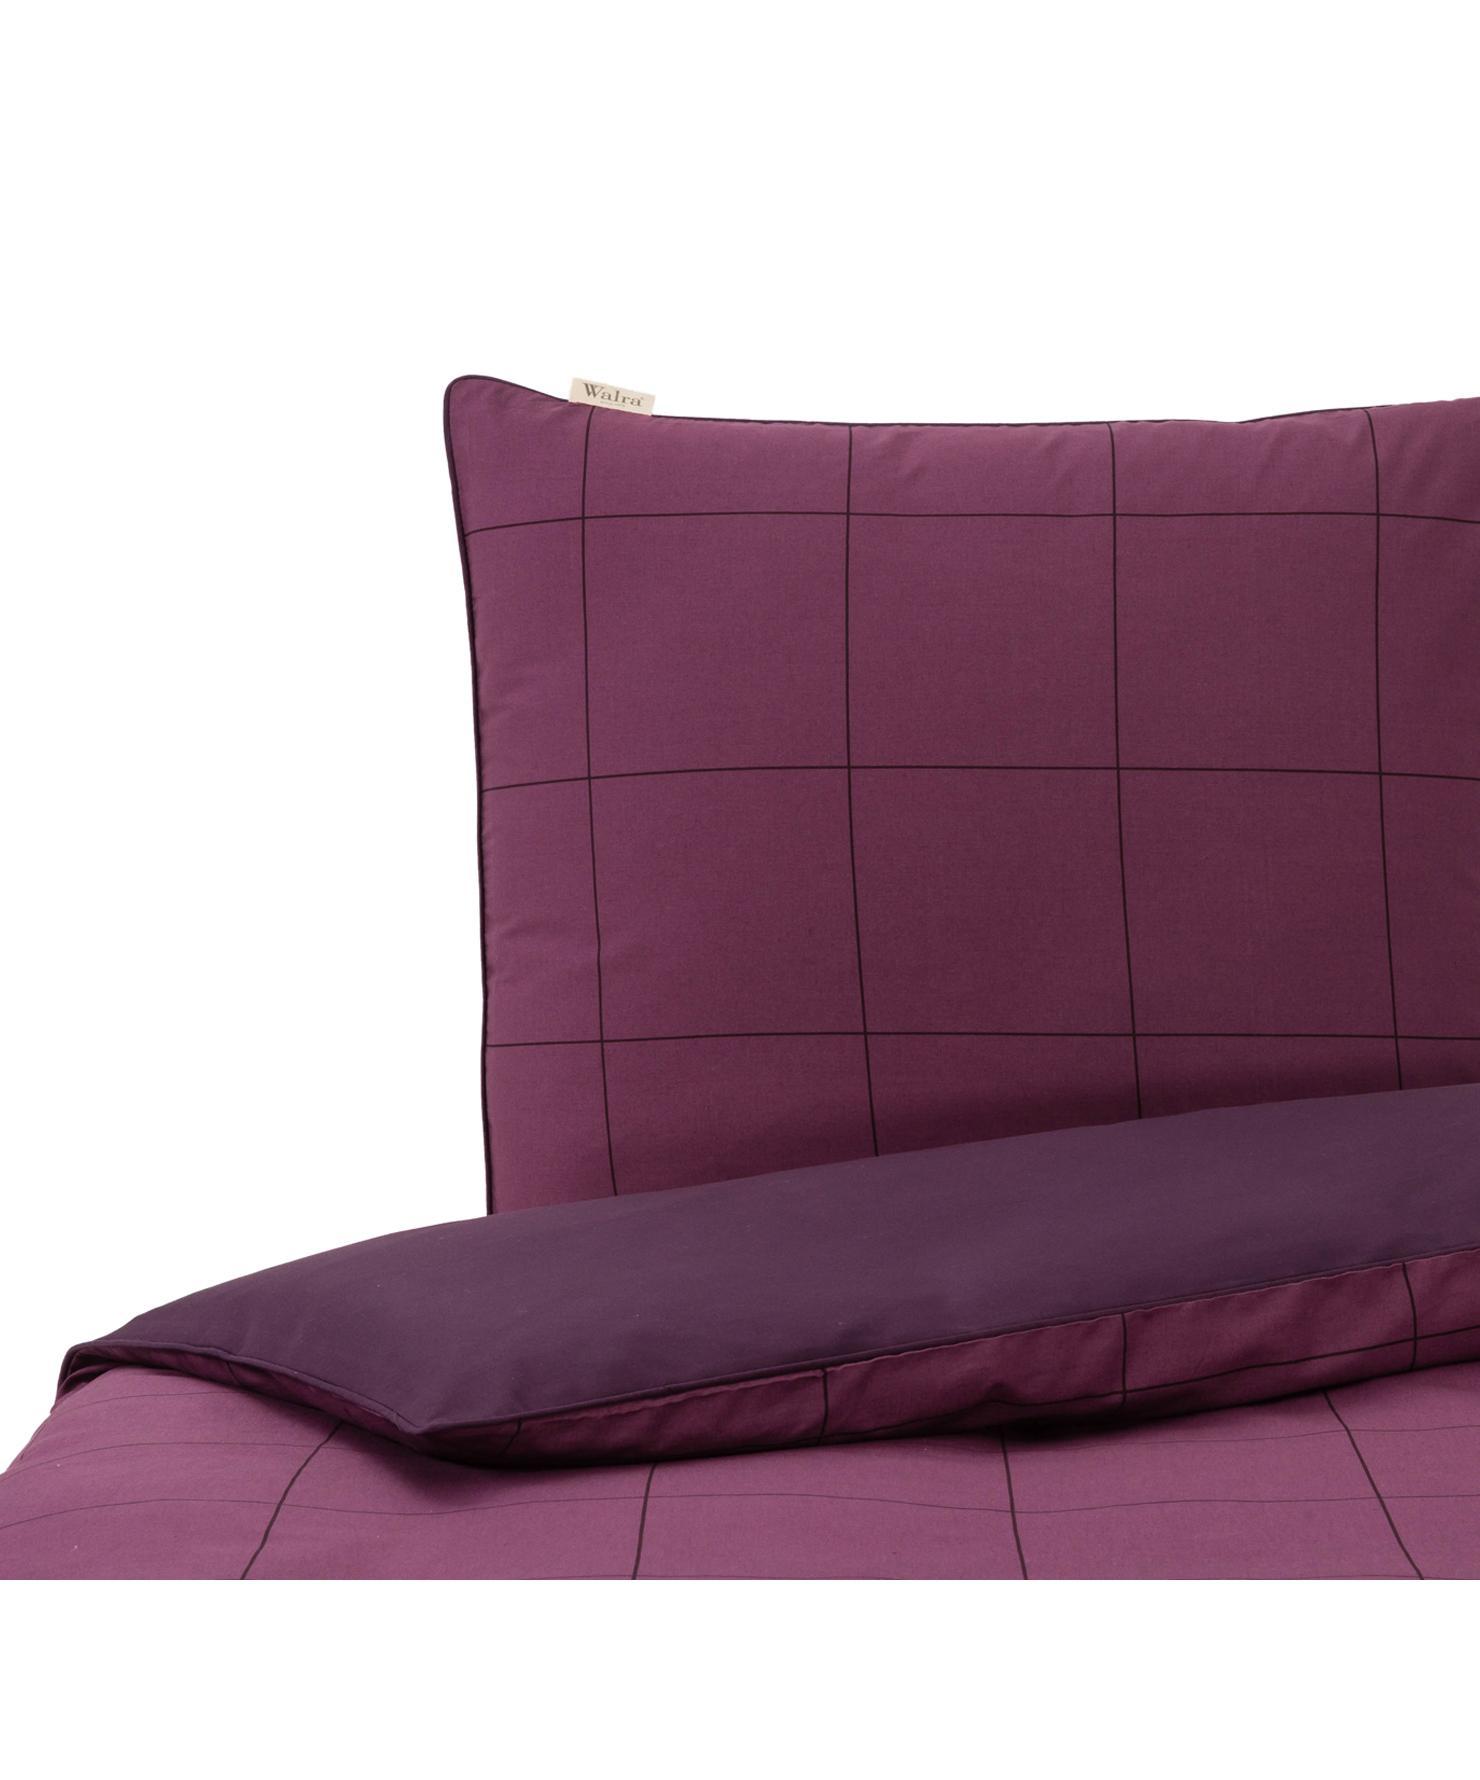 Dubbelzijdig renforcé dekbedovertrek Square Feet, Weeftechniek: renforcé, Bovenzijde: lila, violet. Onderzijde en bies: violet, 240 x 220 cm